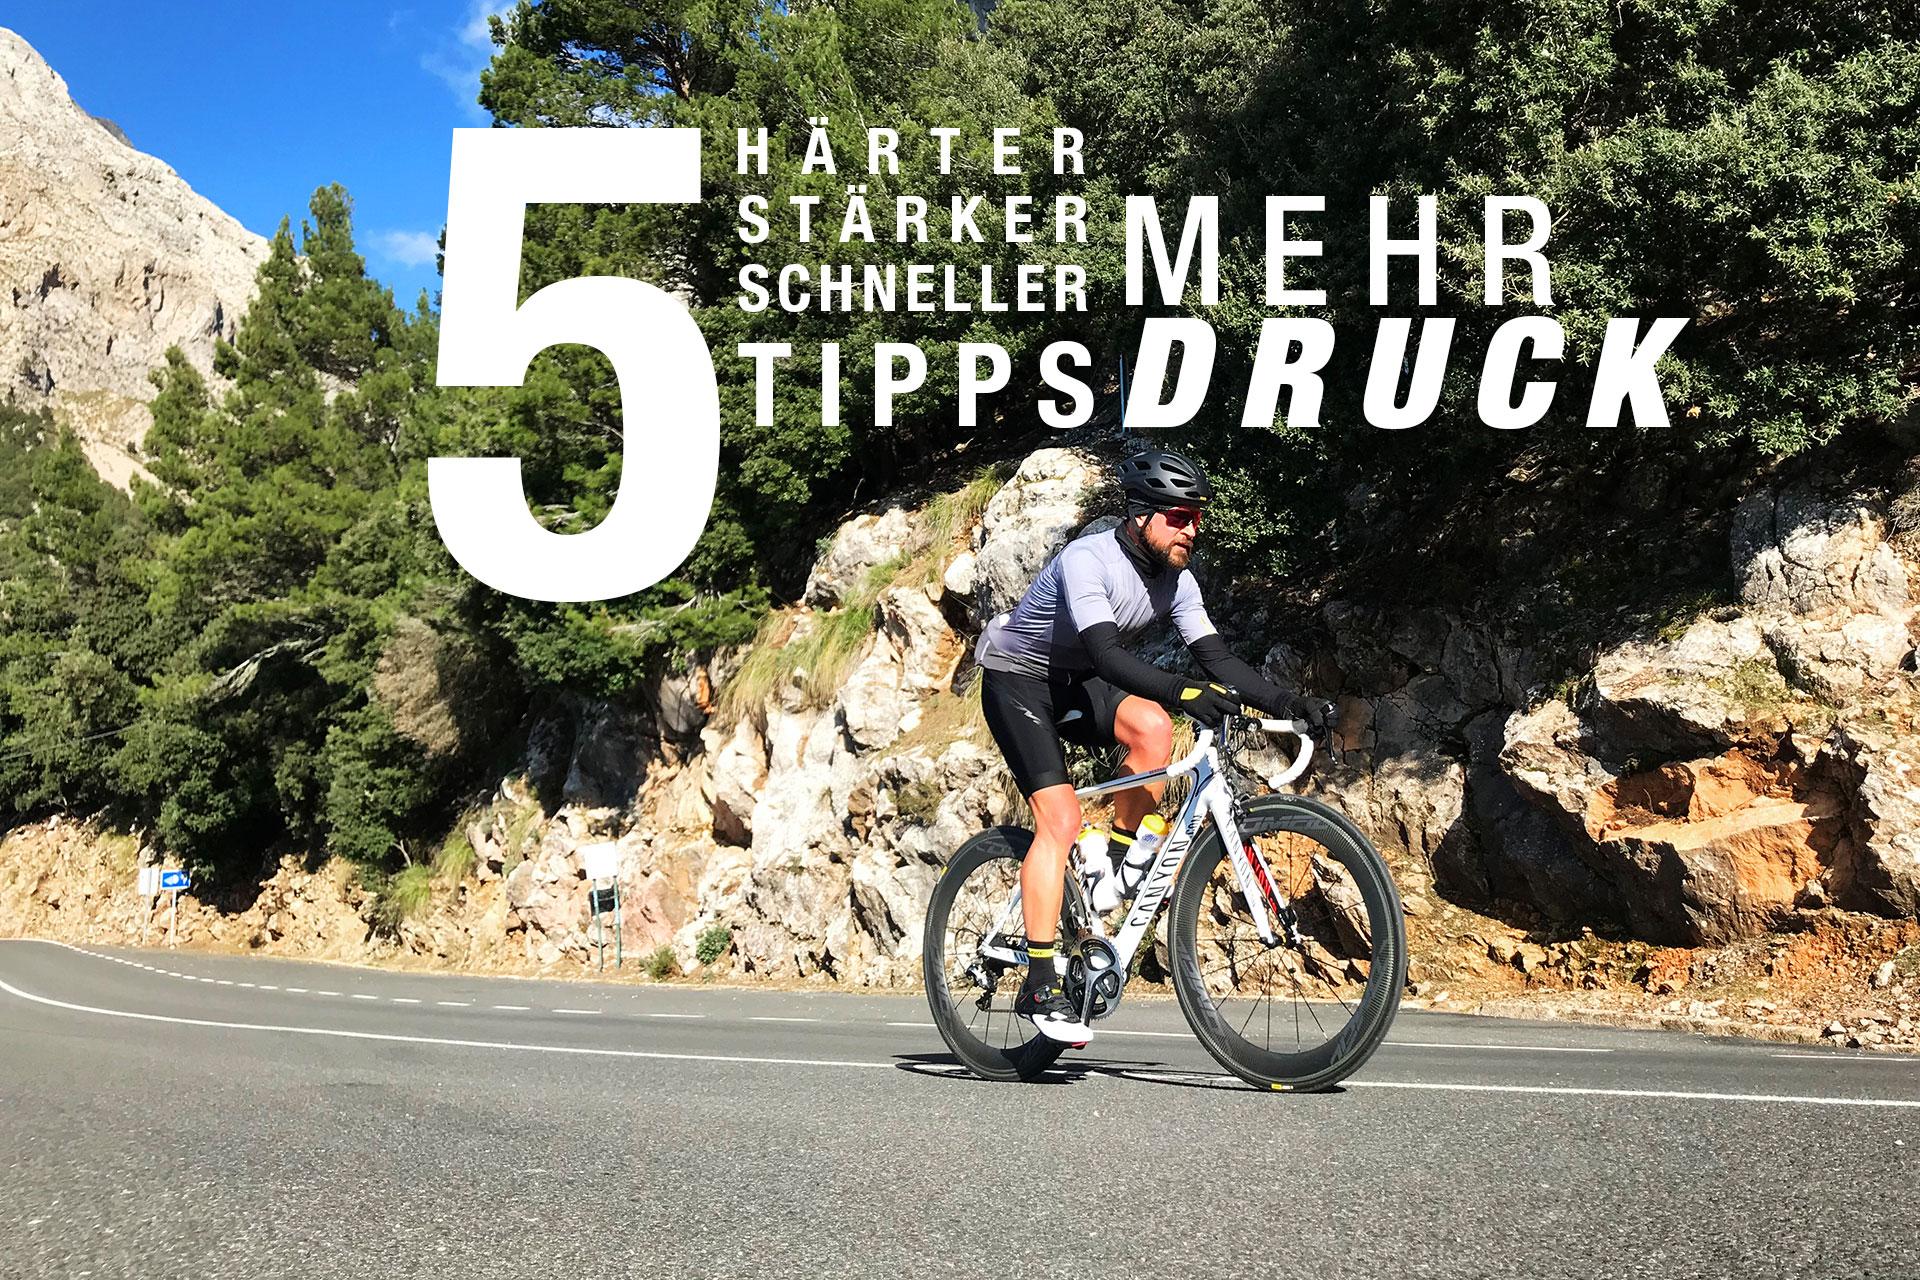 Härter, stärker, schneller: Mehr Druck auf dem Rad mit unseren 5 Tipps / Für die Auffahrt zum Puig von Port Soler, Mallorca braucht's knapp 60 Minuten Kraftausdauer